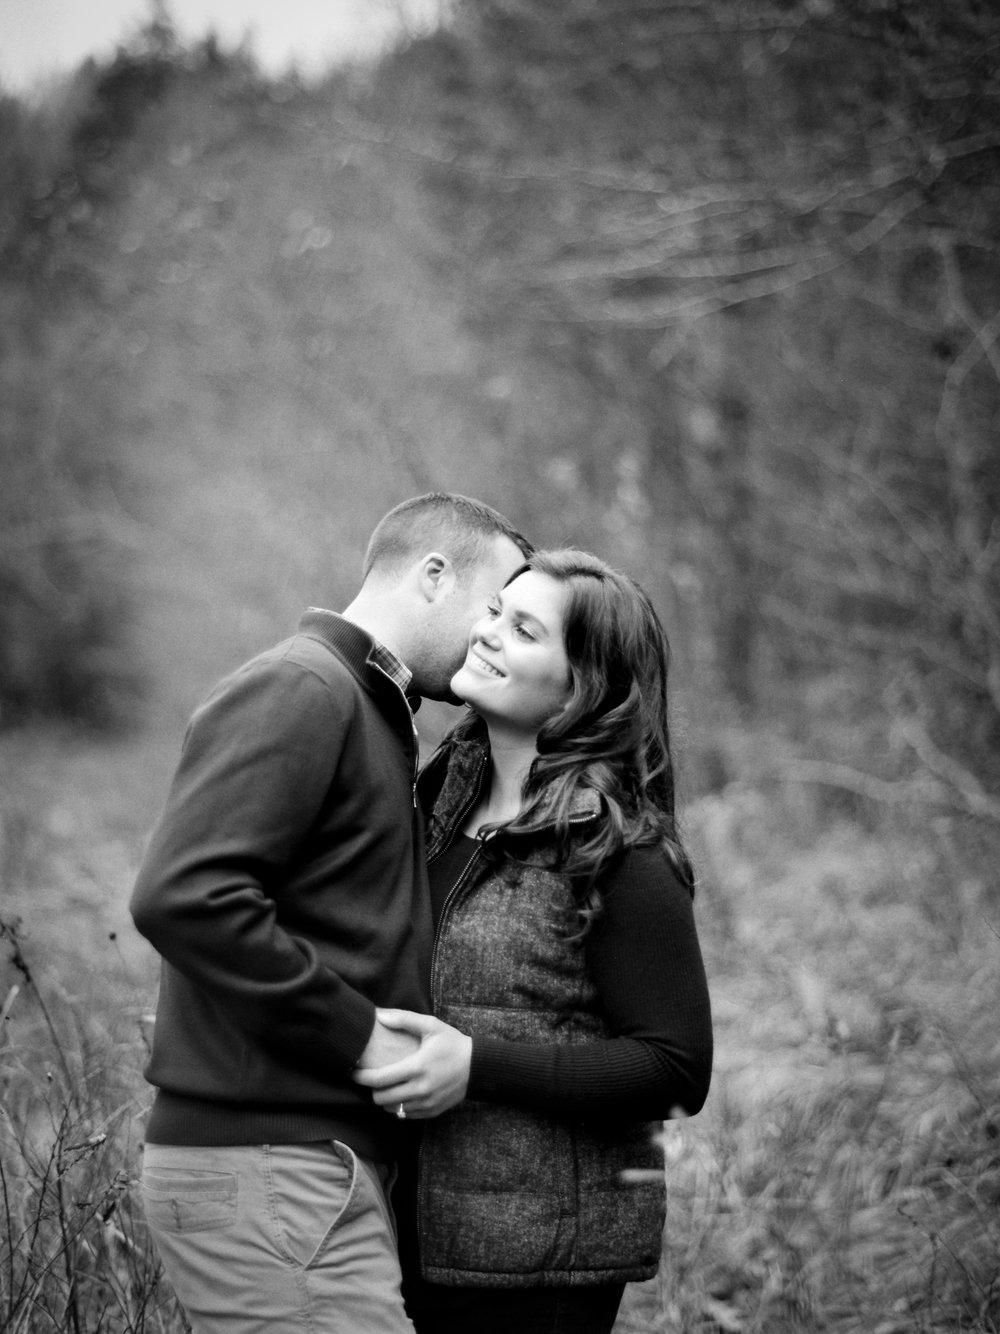 Weddings in the Berkshires